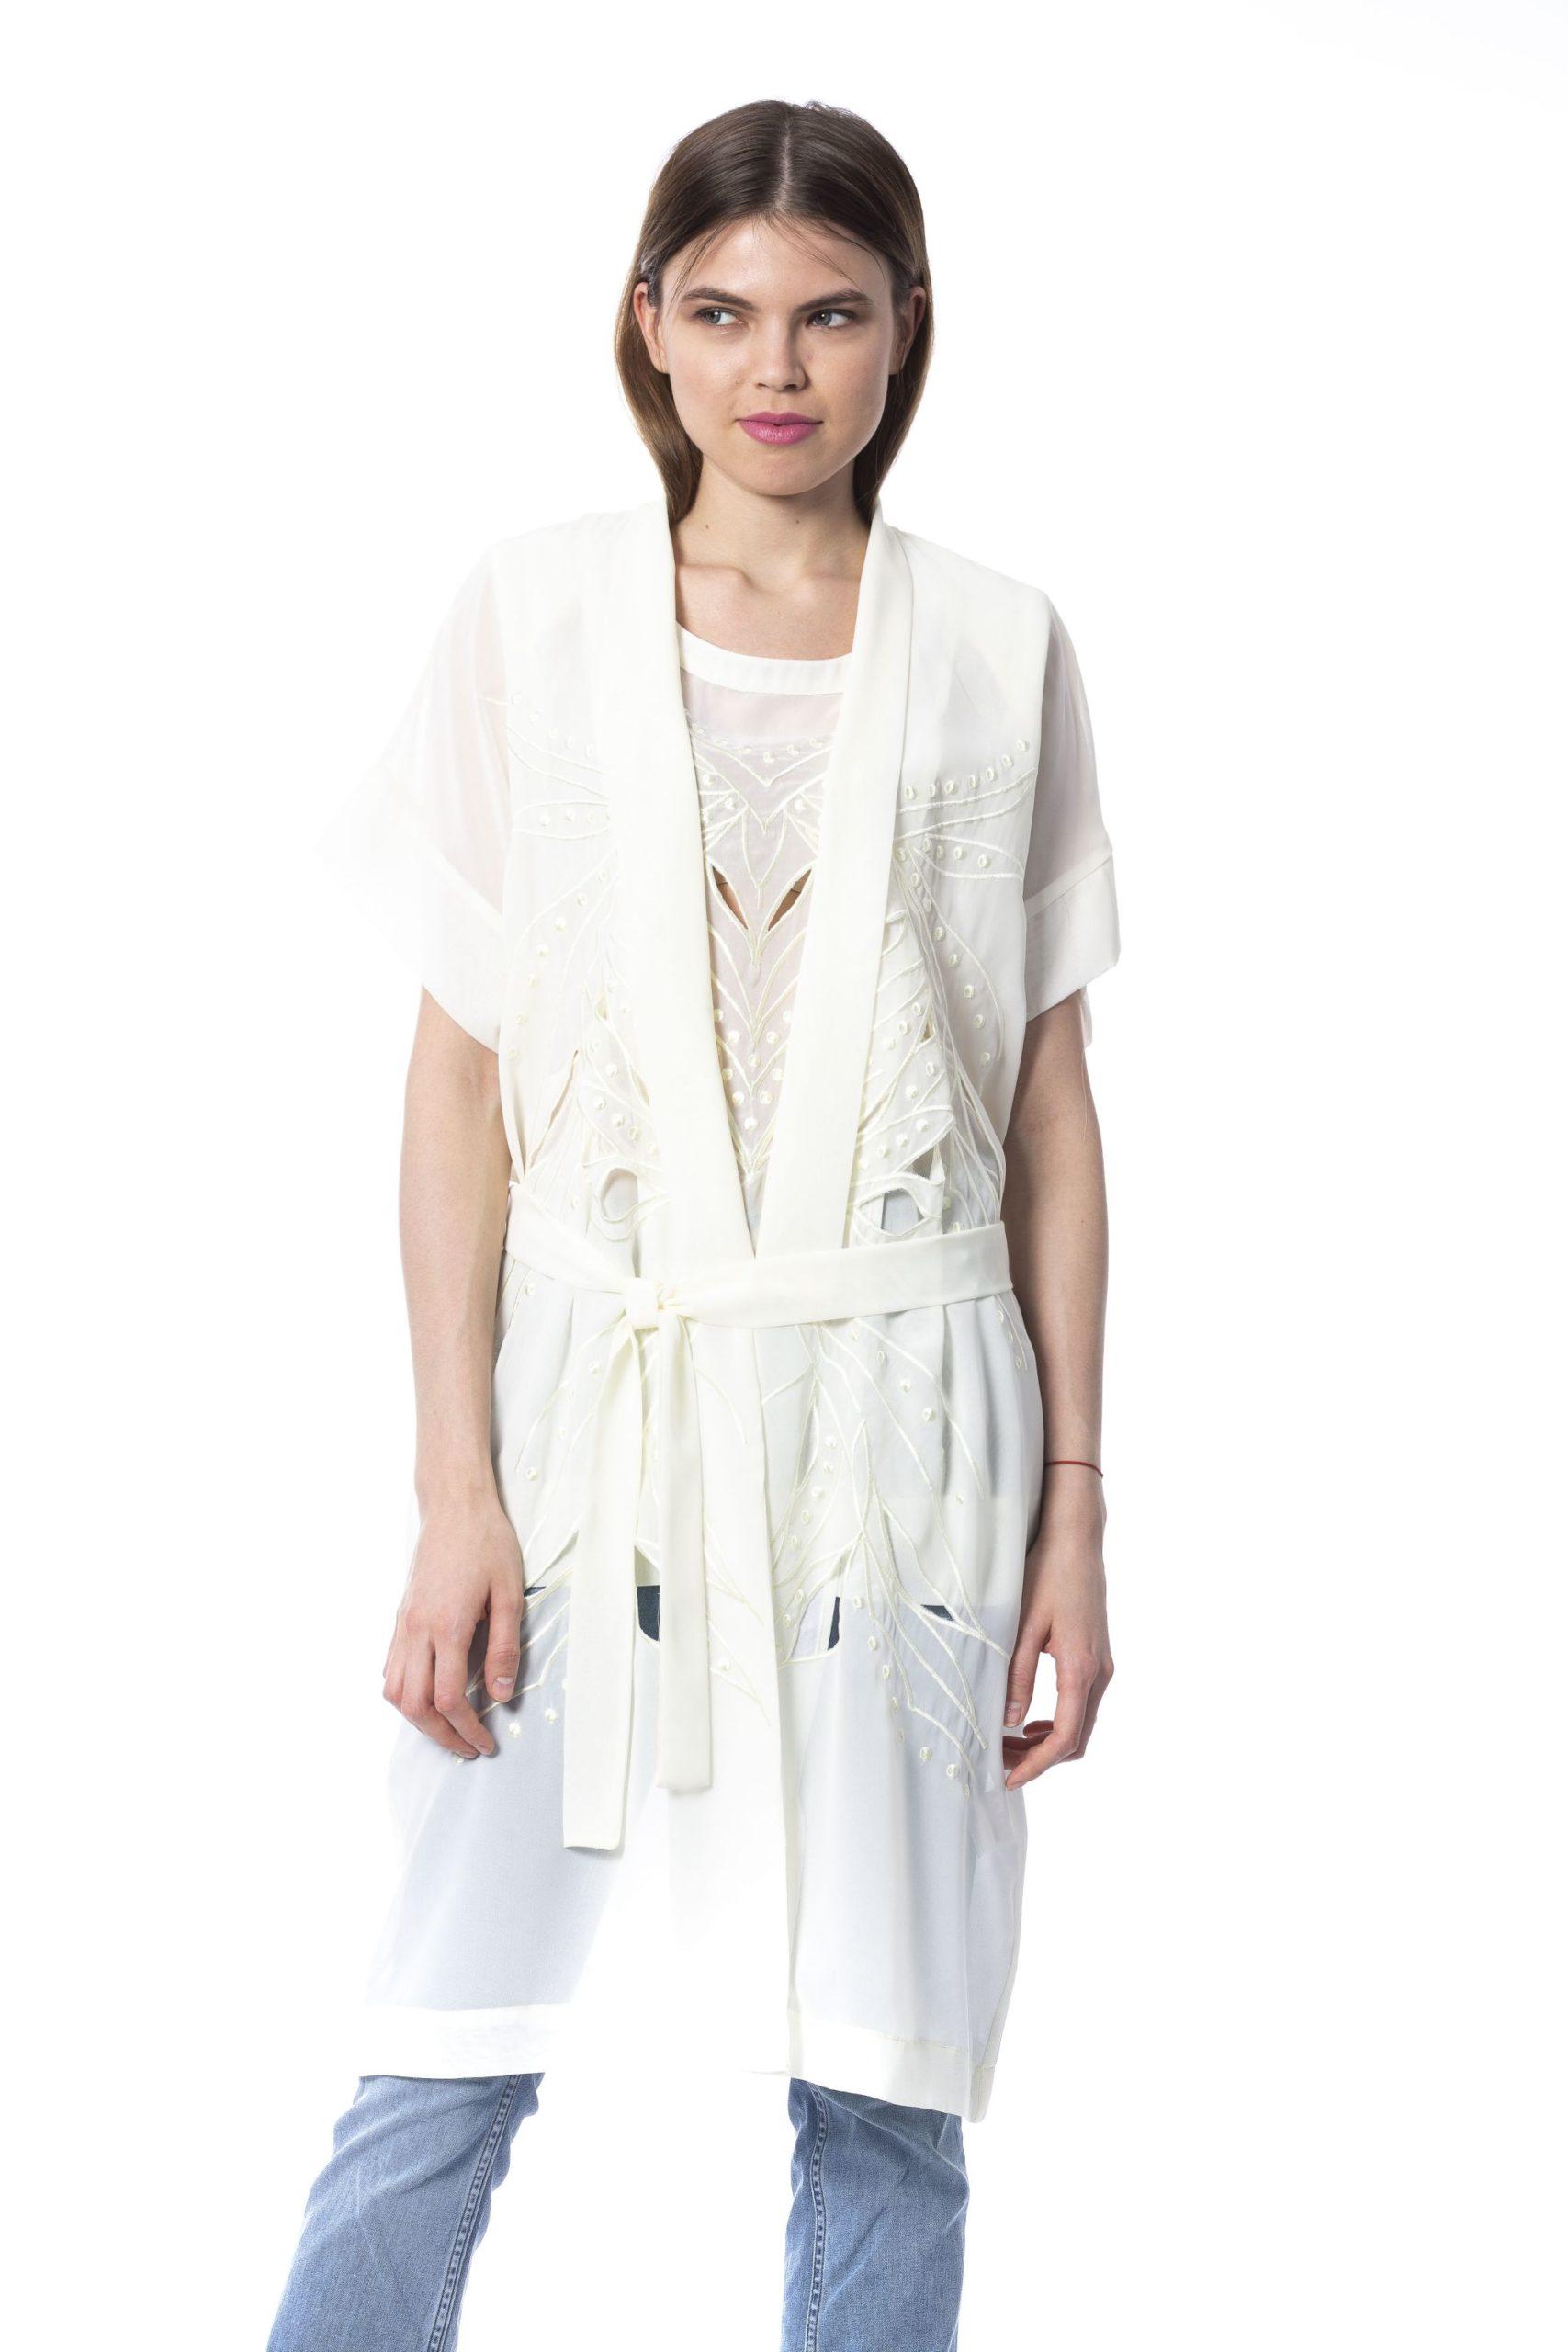 Silvian Heach Women's Jackets White SI995902 - XXS